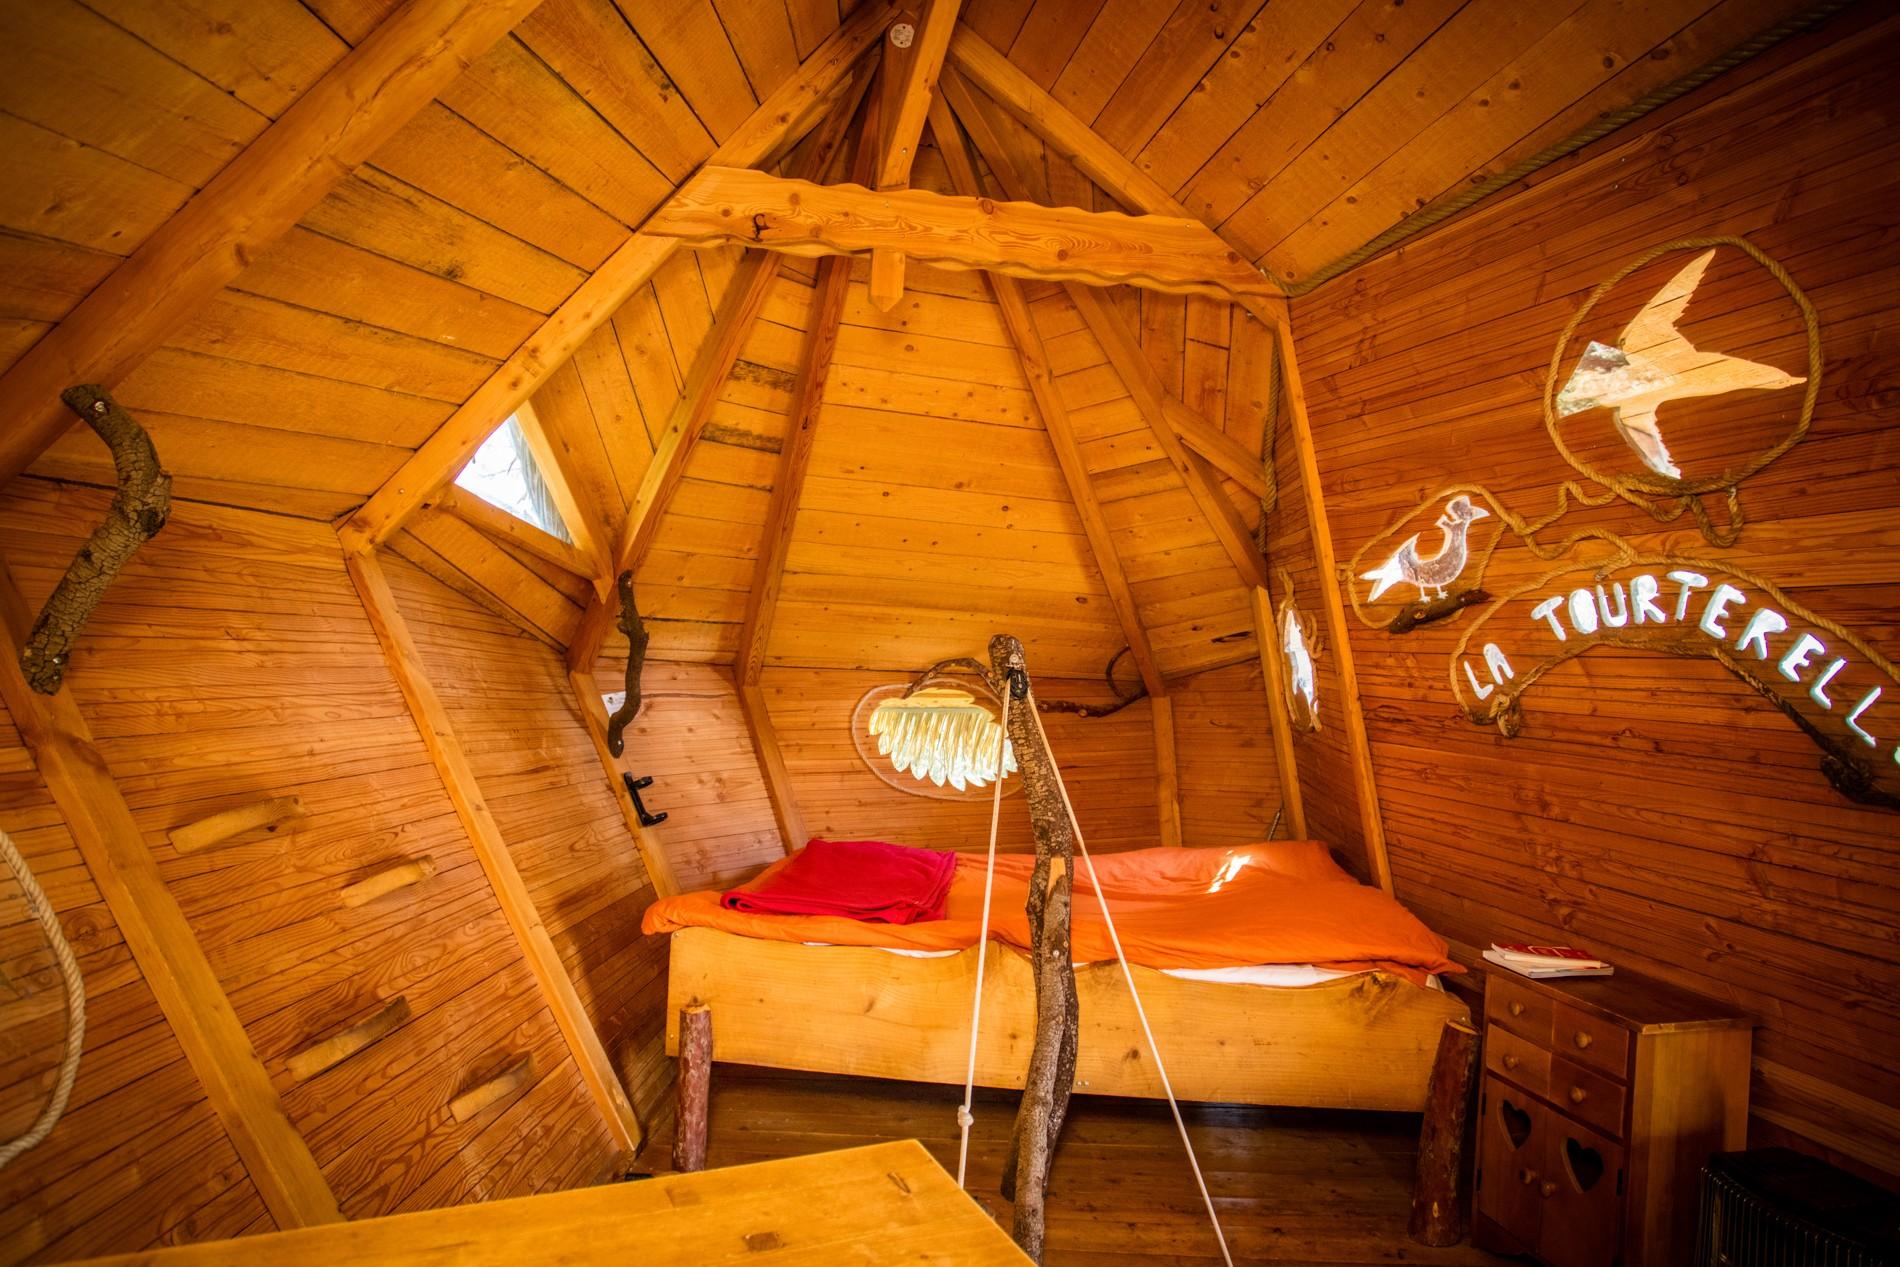 Photo 27 intérieur - cabane dans les arbres - hébergement insolite à Montpellier - Oenotourisme - Domaine saint Jean de l'Arbousier, Castries, Hérault